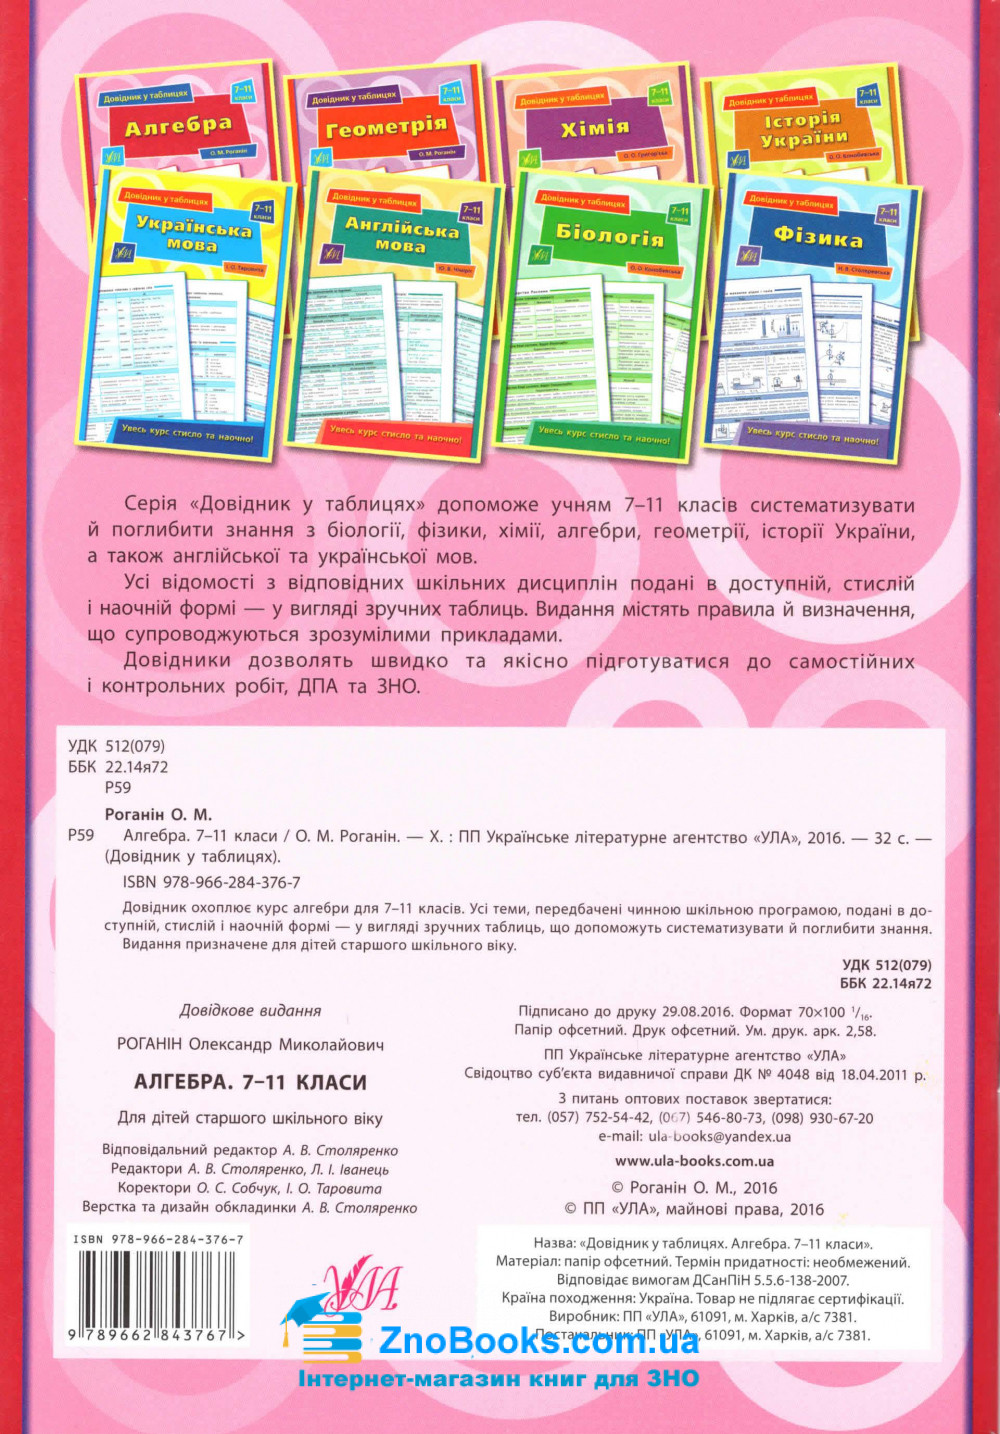 Алгебра 7-11 класи. Серія «Довідник у таблицях» : Роганін О. М. УЛА. купити 7